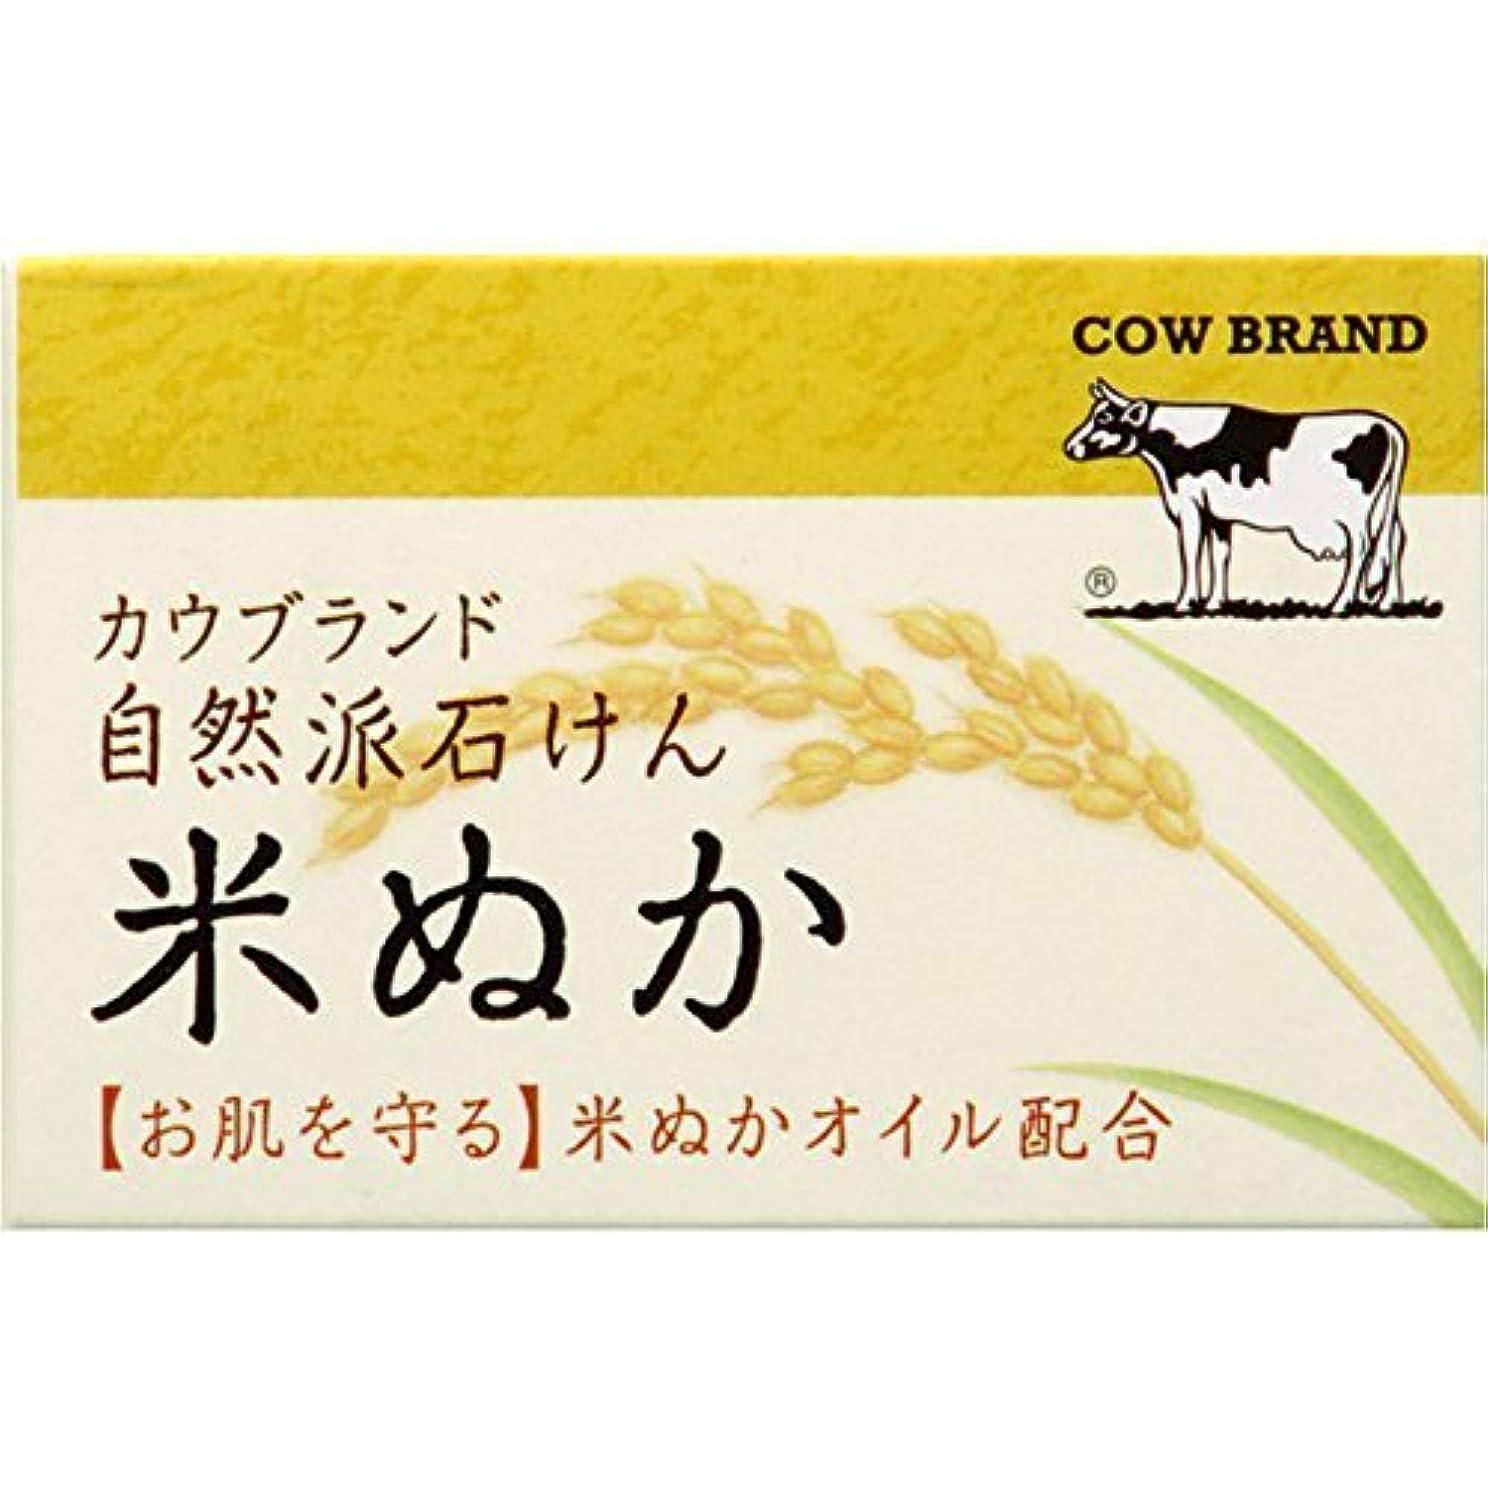 毎回口述する窒息させるカウブランド 自然派石けん 米ぬか 100g